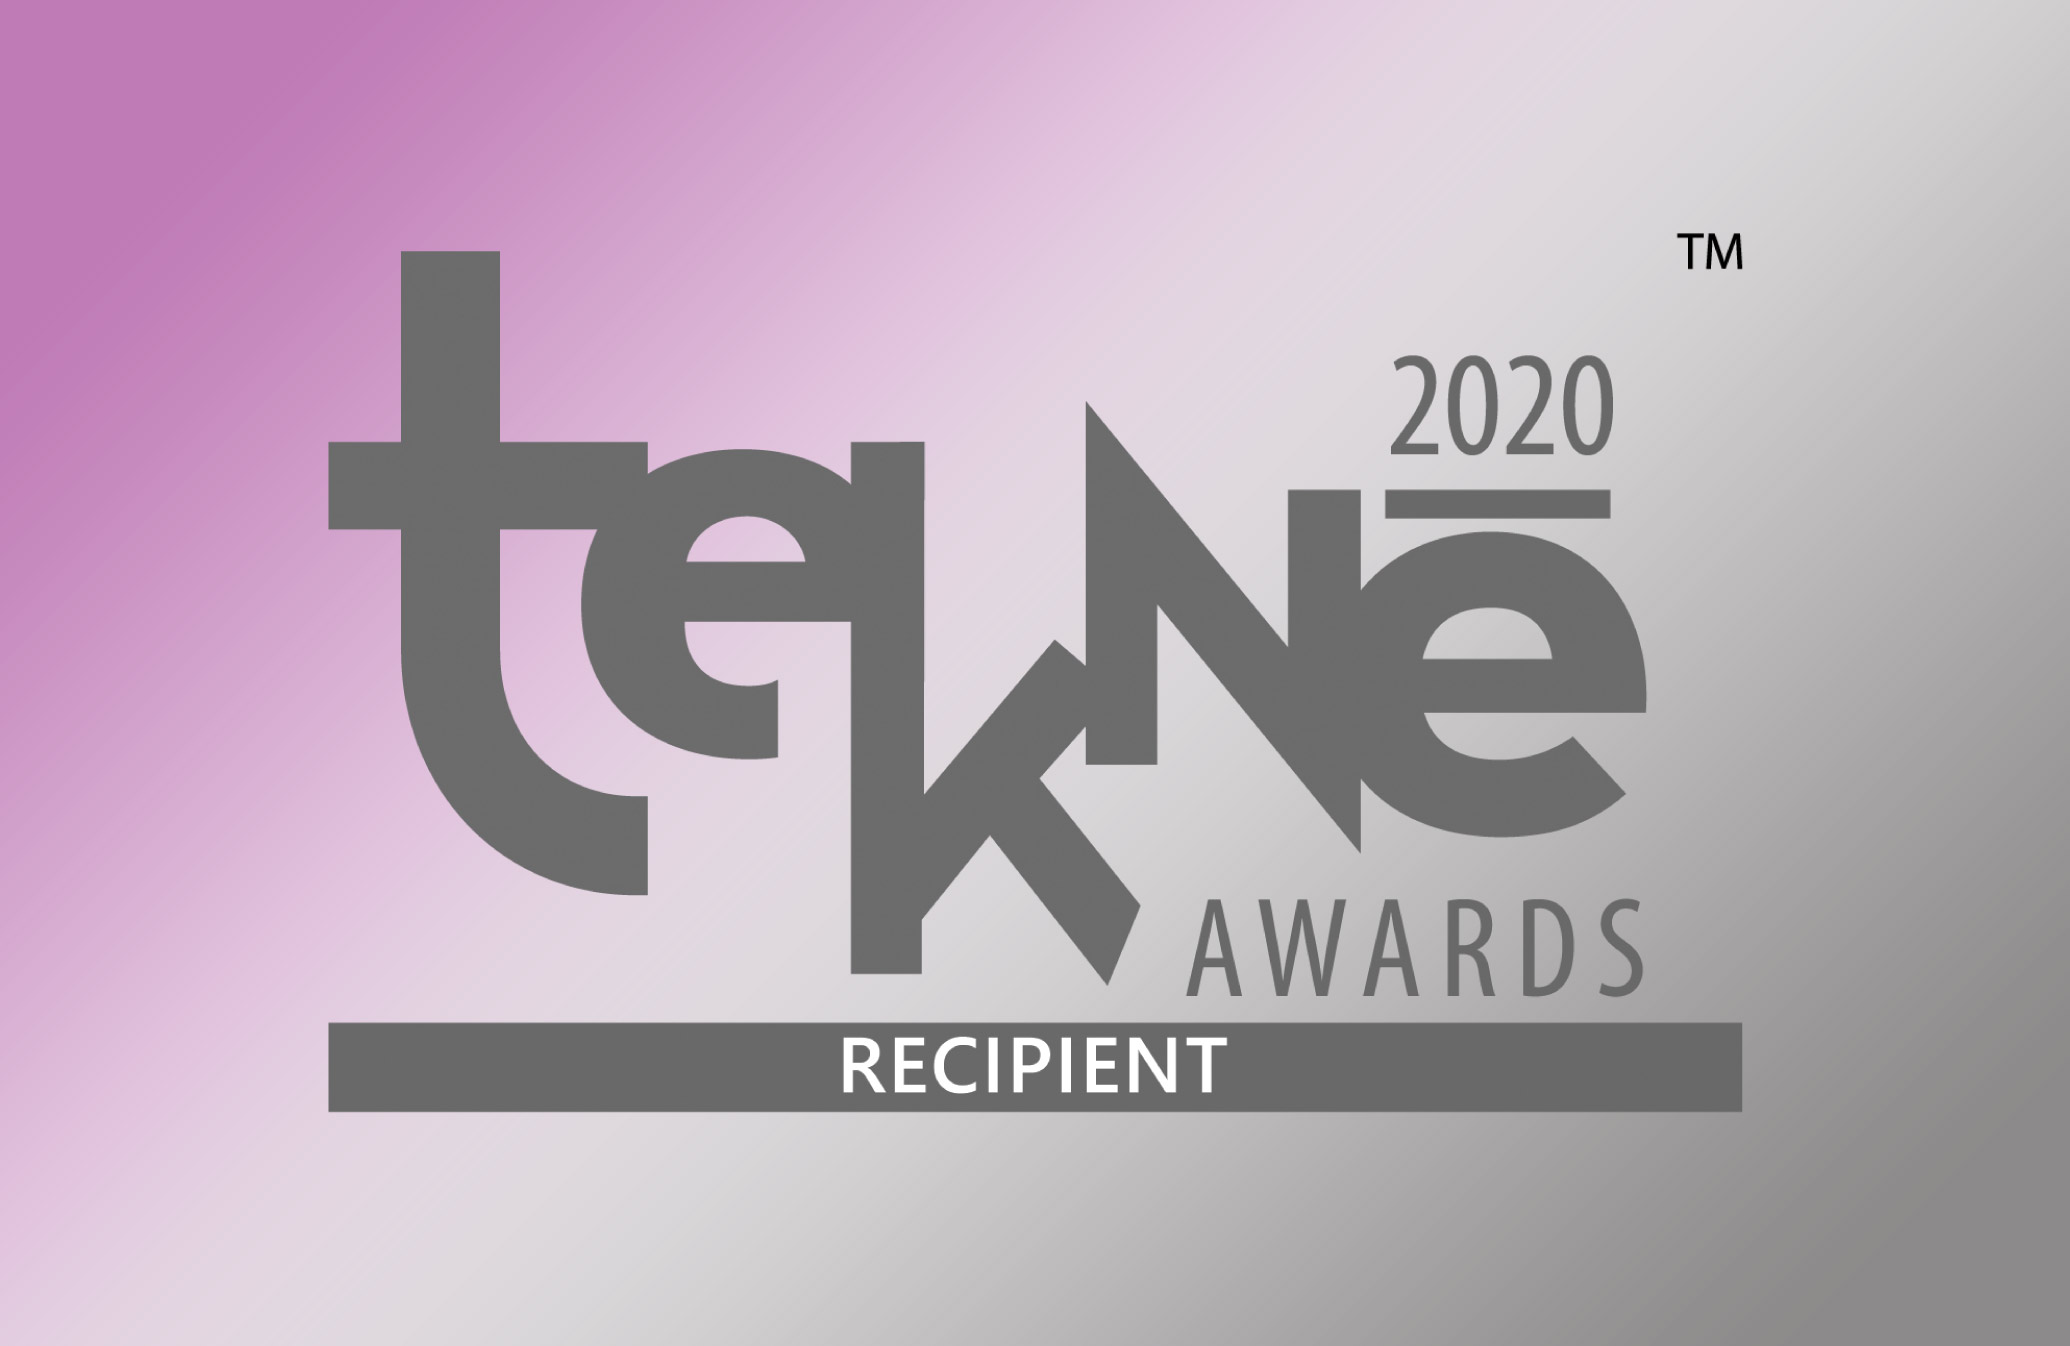 2020 Tekne Award Recipient